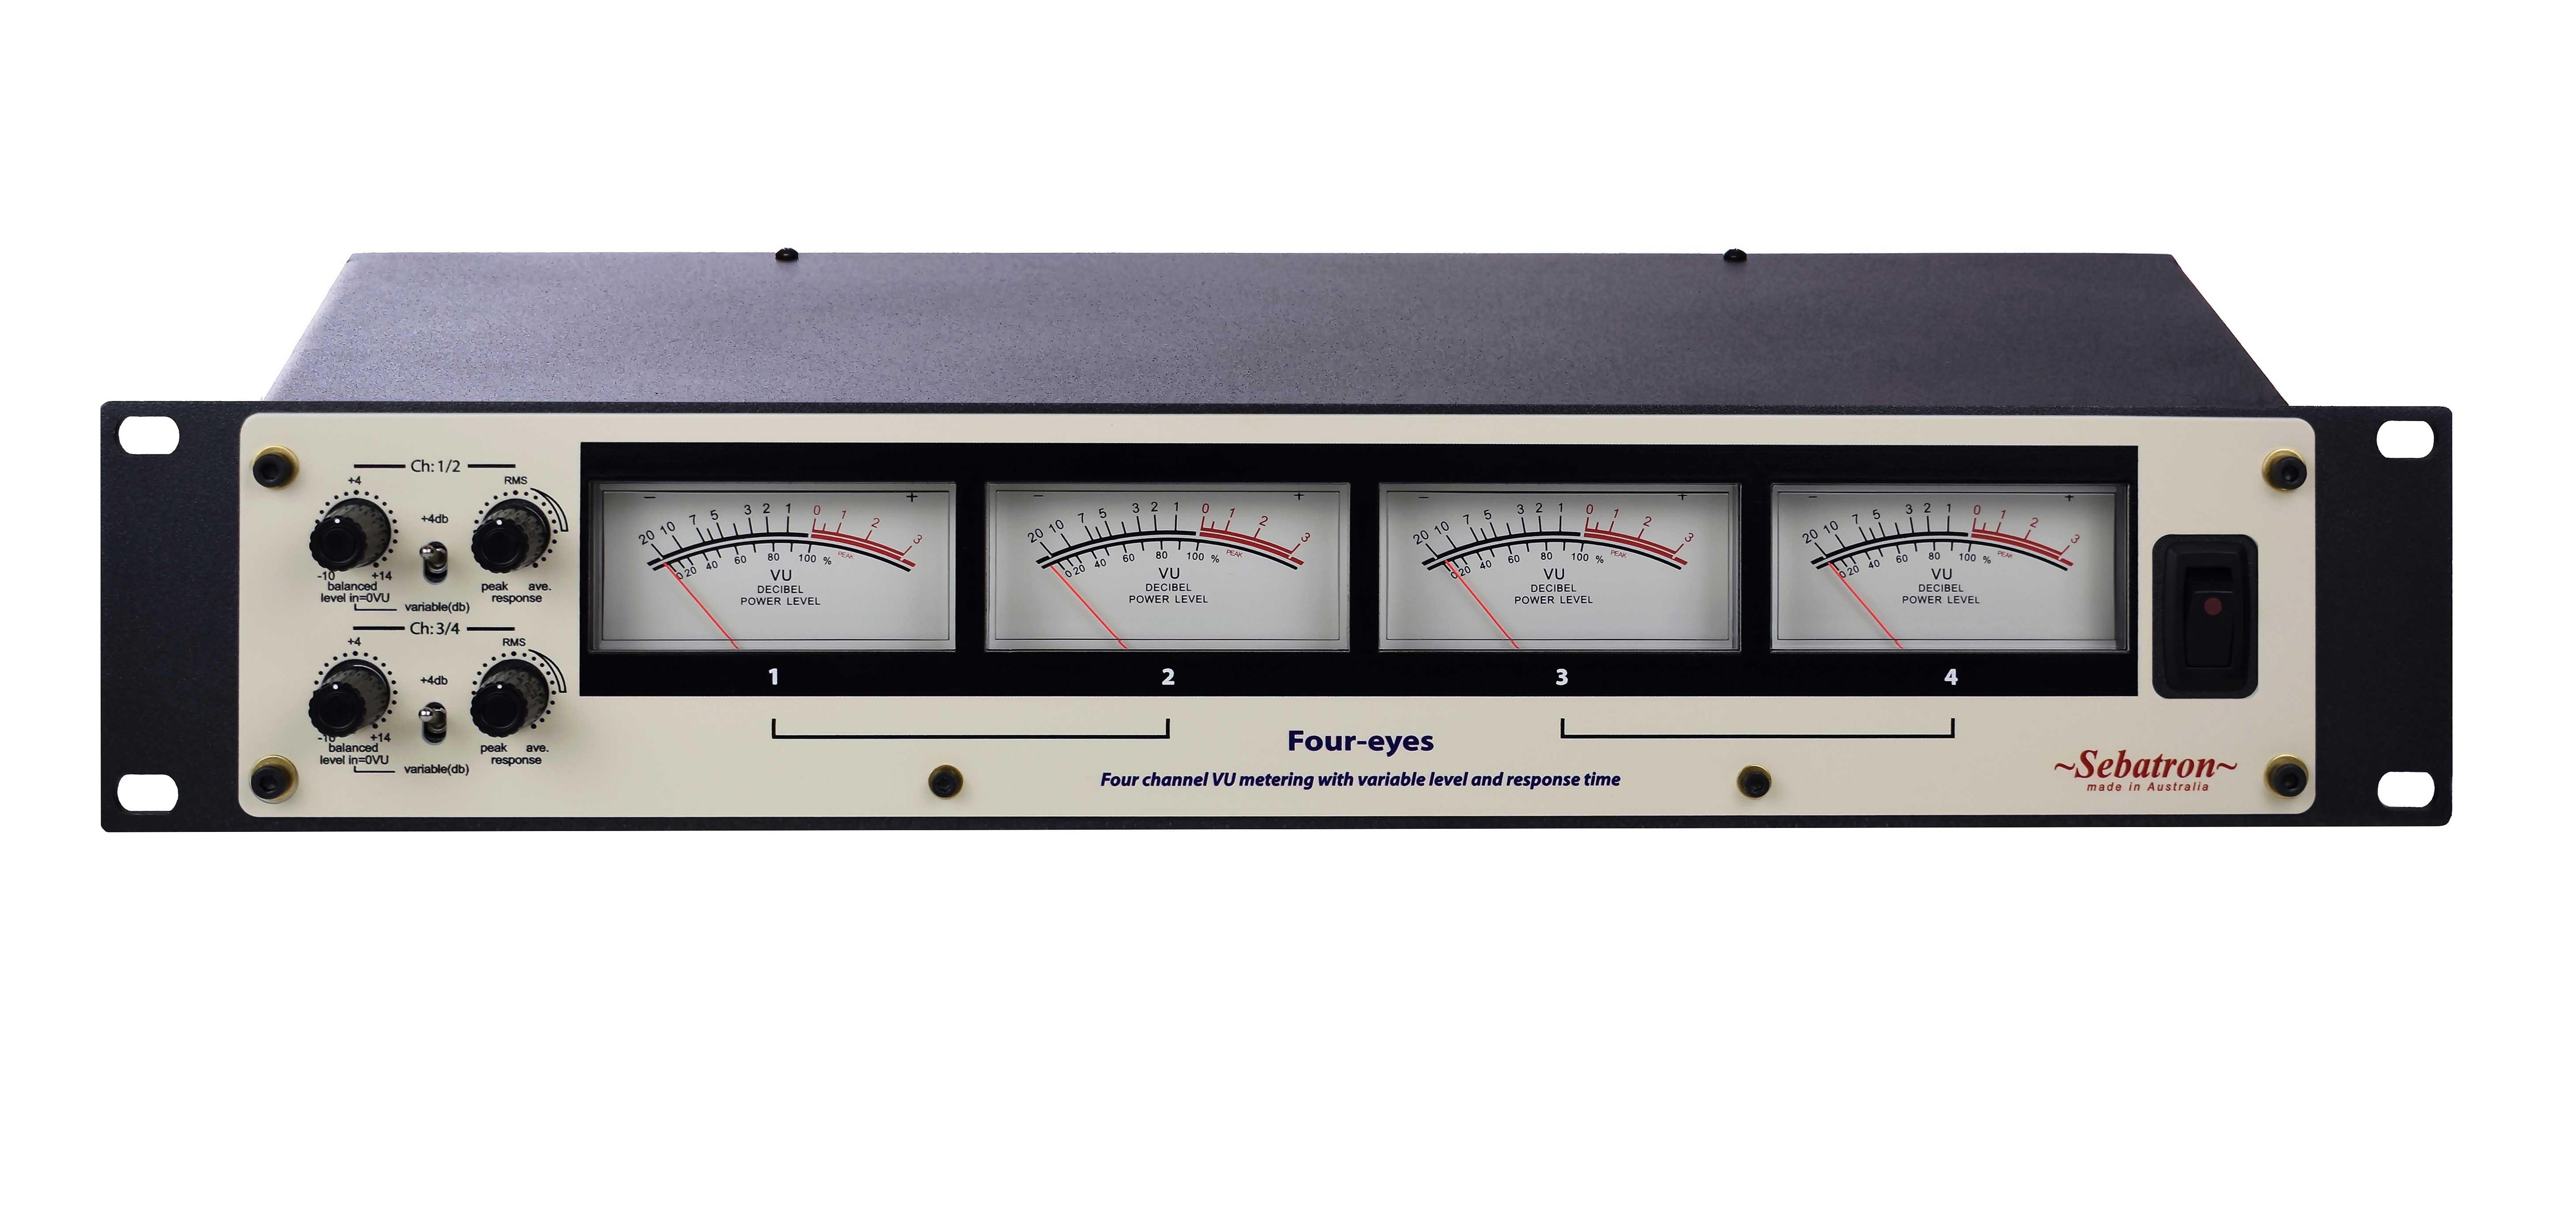 Sebatron Made In Australia Vu Meter 3 Manual Information Hi Res Photo